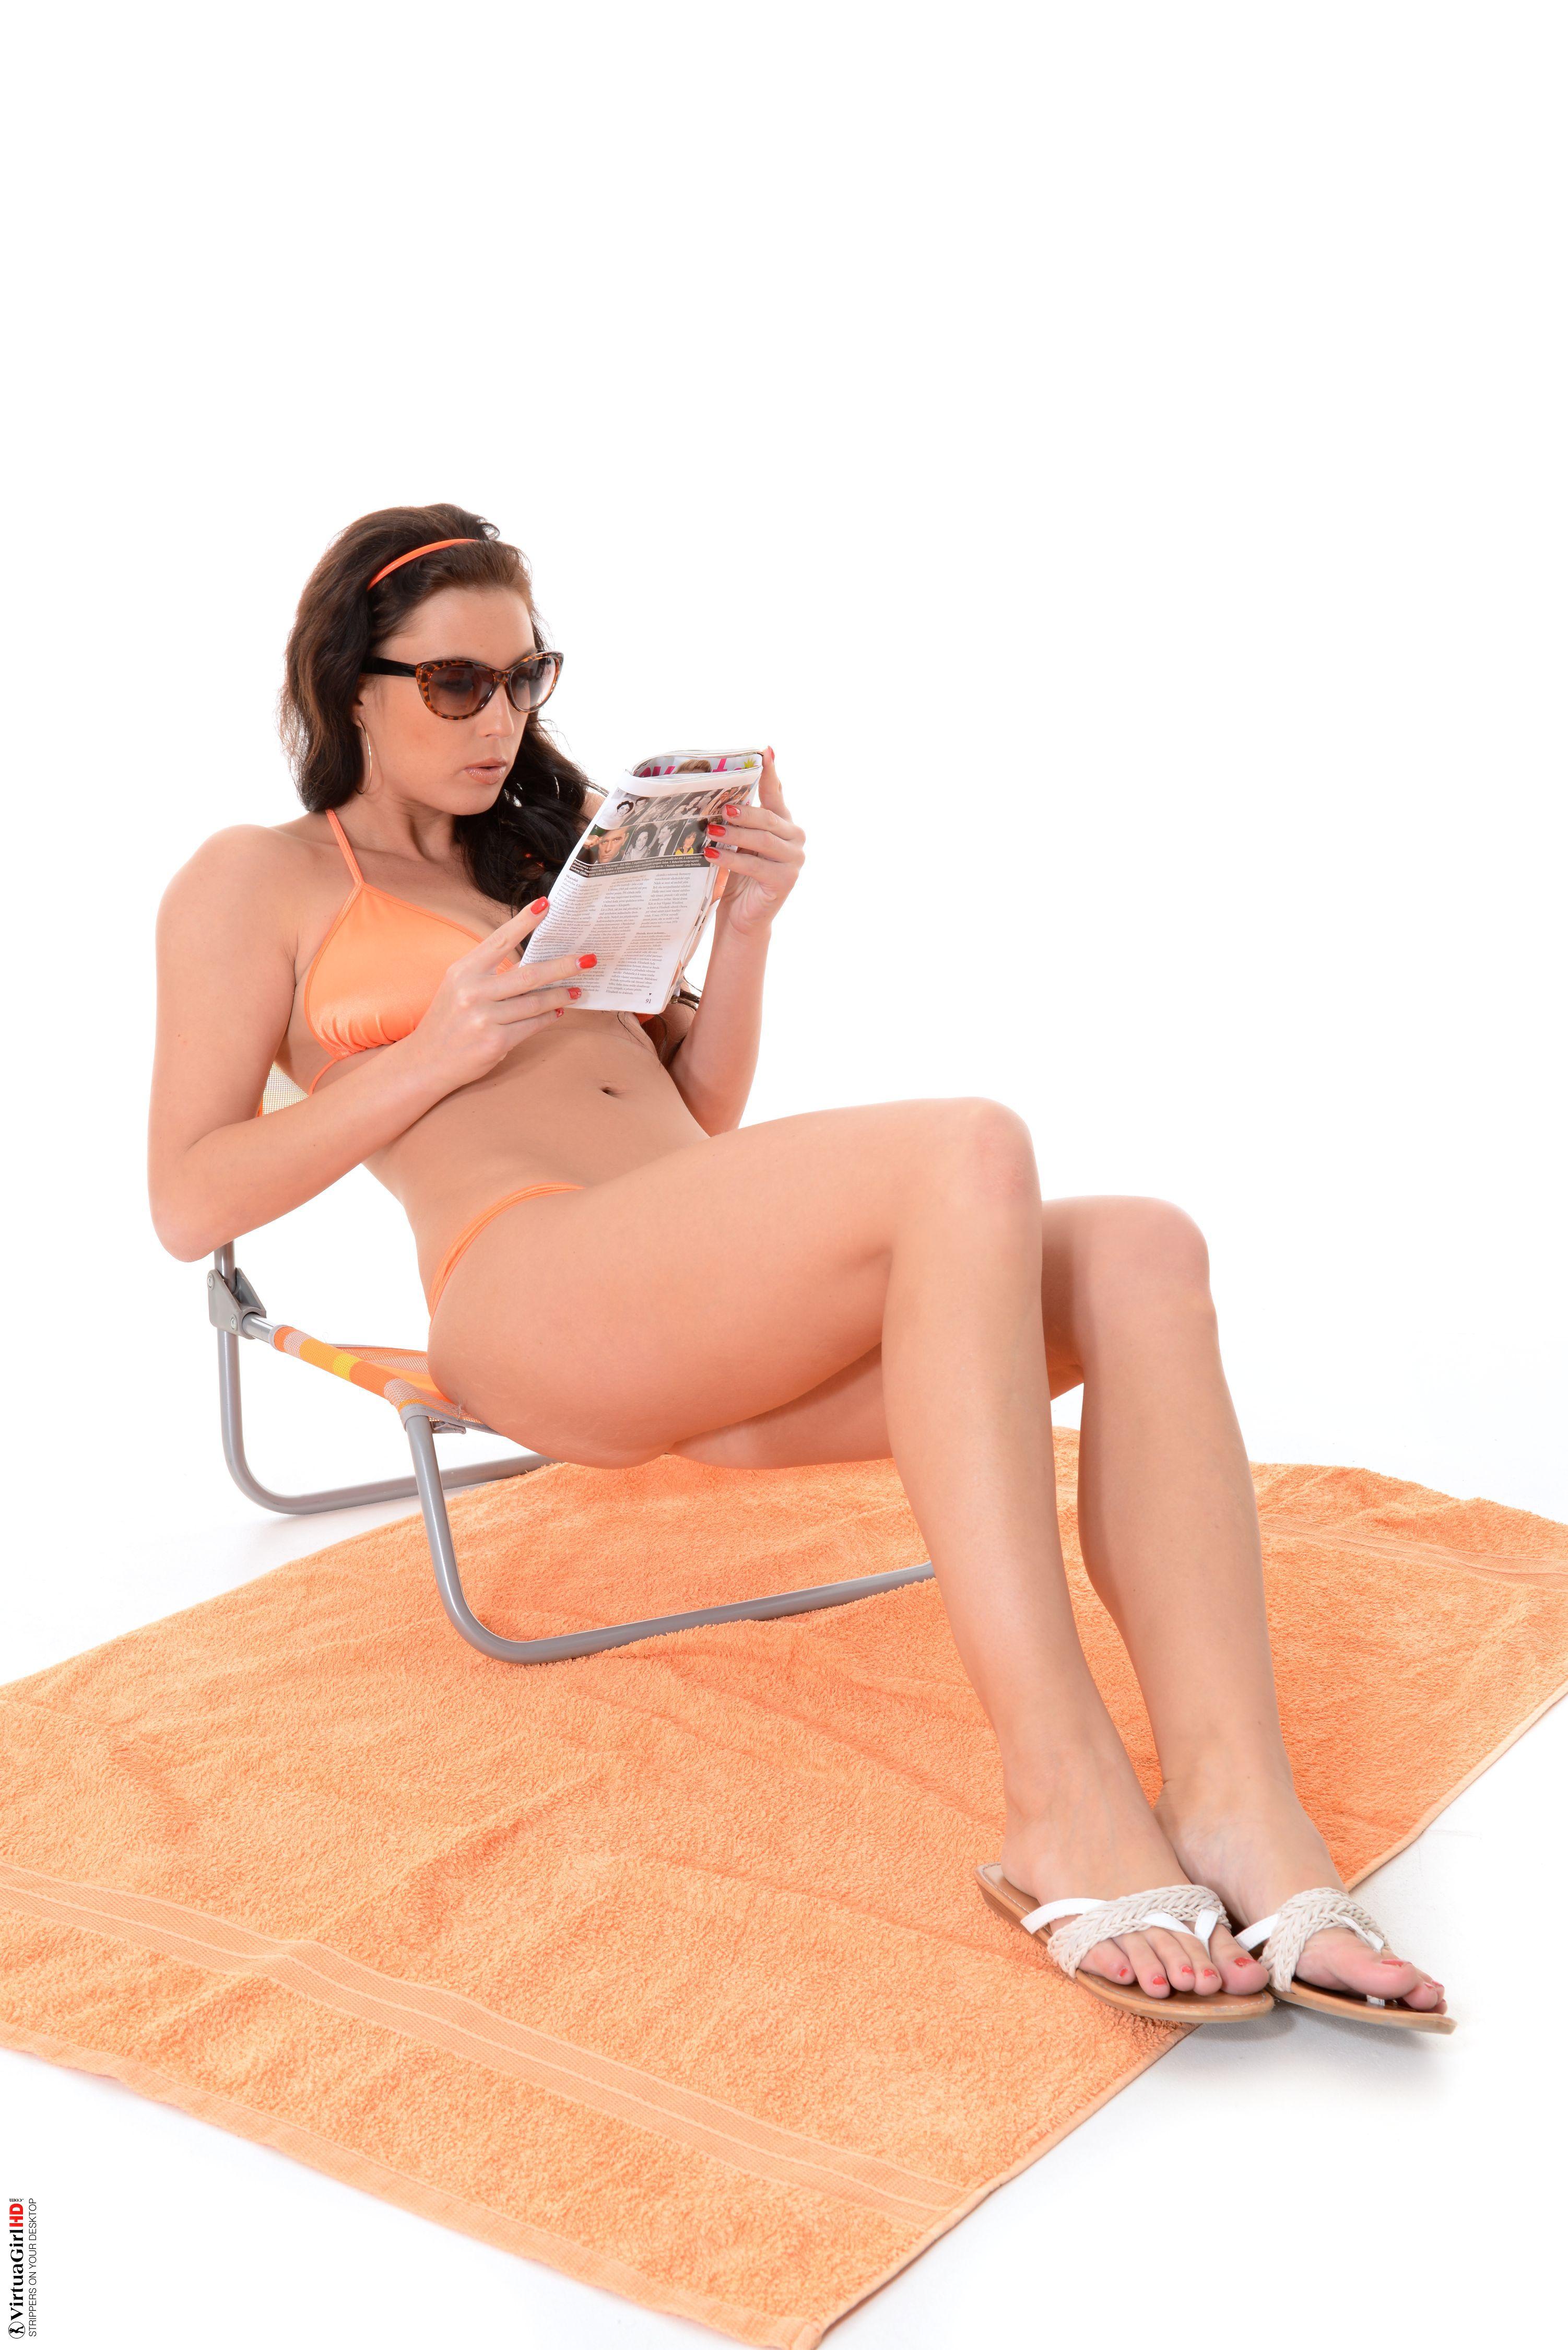 stripper on desktop